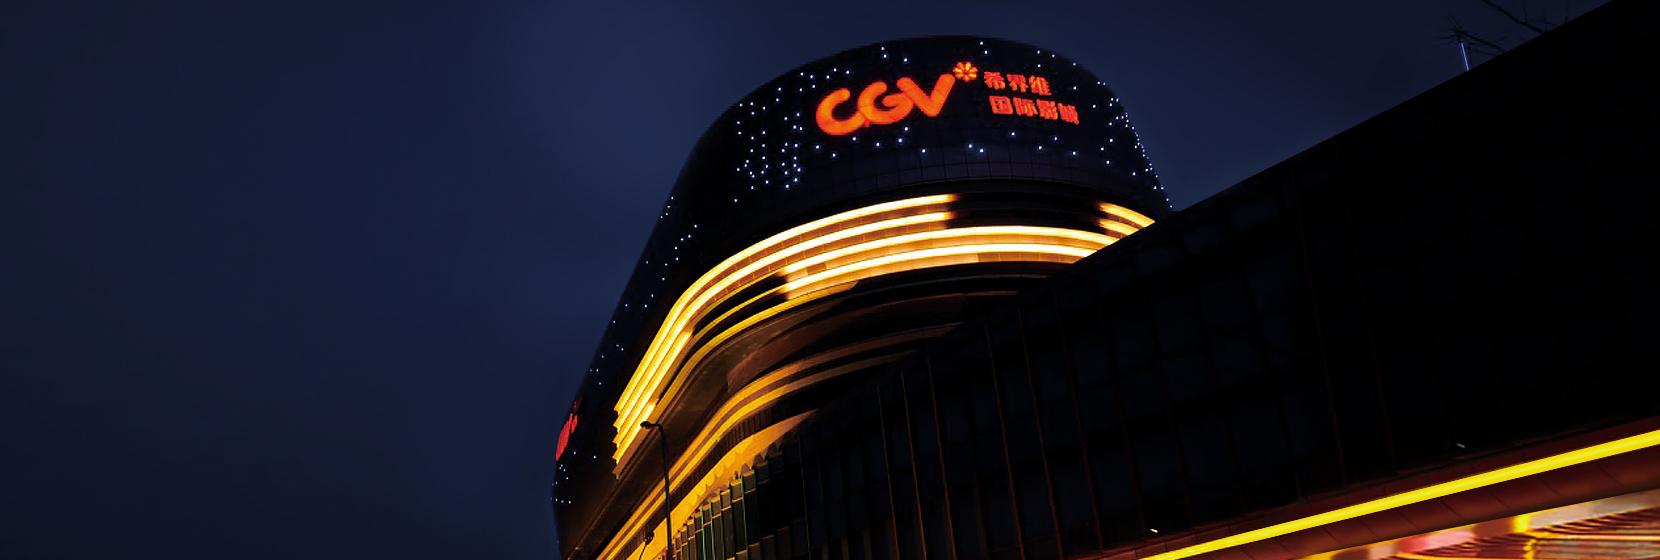 CGV 건물 전경입니다.